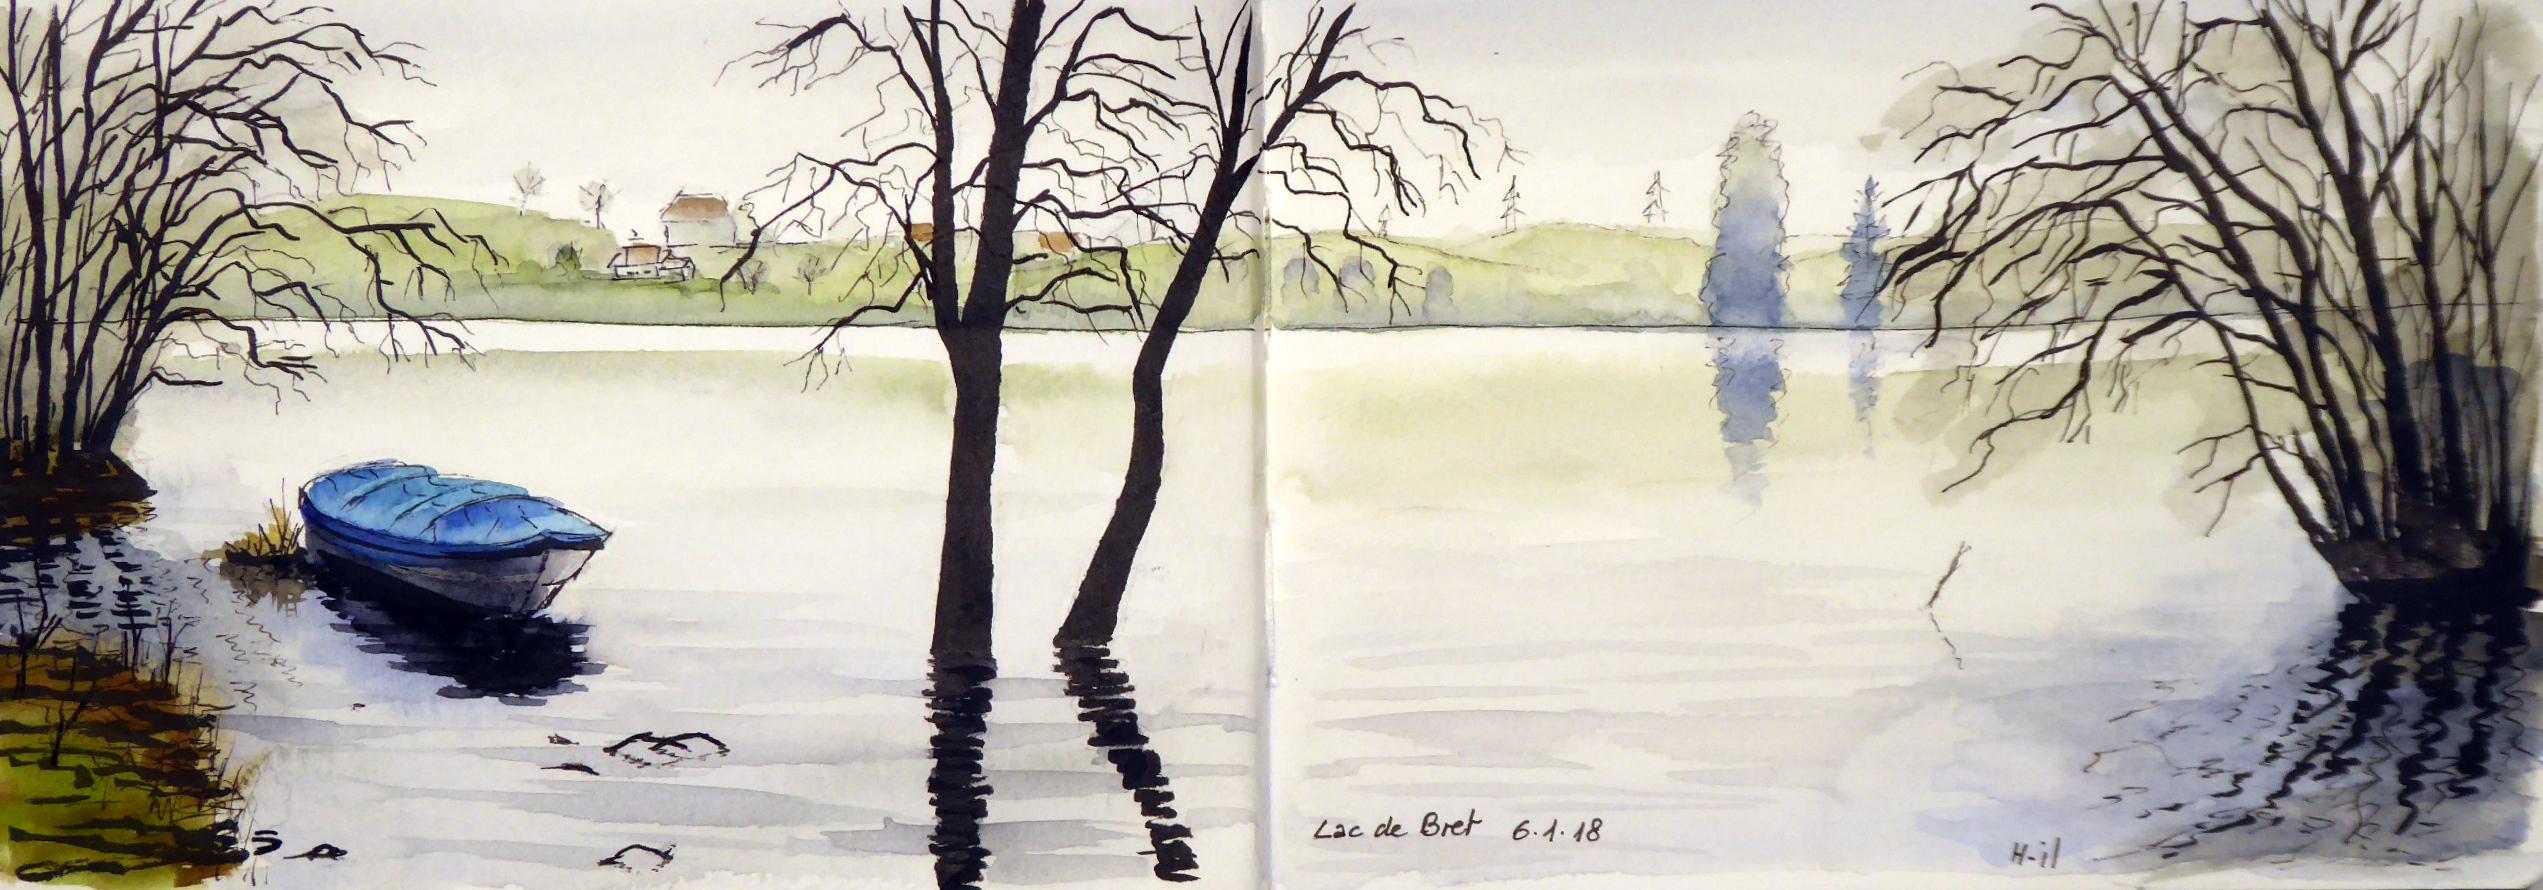 Lac de bret janvier